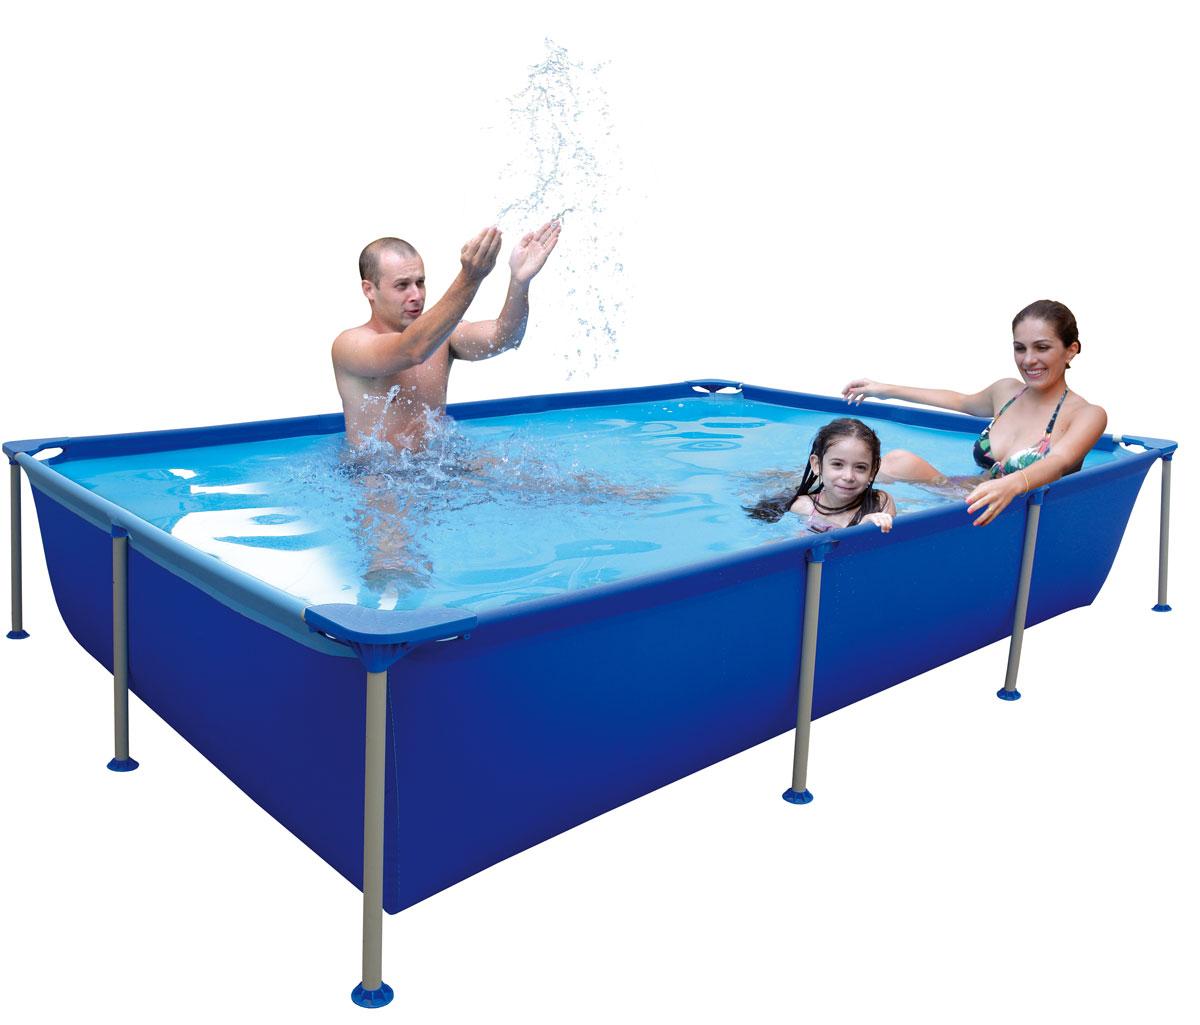 Бассейн каркасный Jilong Rectangular, семейный, цвет: голубой, 258 см х 179 см х 66 см бассейн надувной jilong kids pool цвет голубой 150 см х 38 см